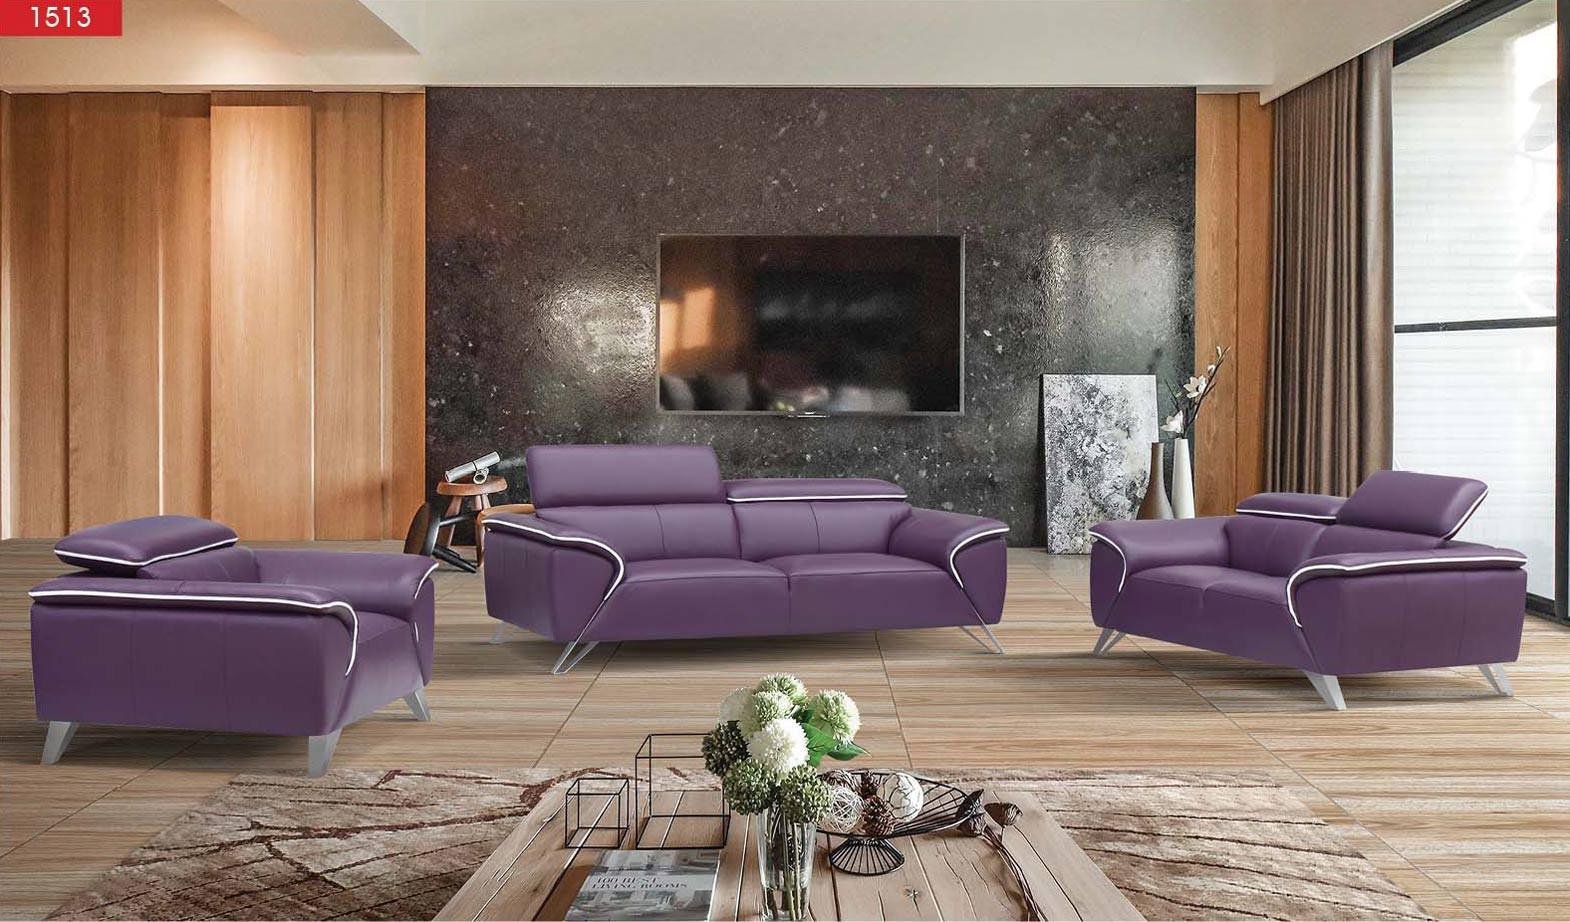 1513 purple leather living room set by esf furniture. Black Bedroom Furniture Sets. Home Design Ideas